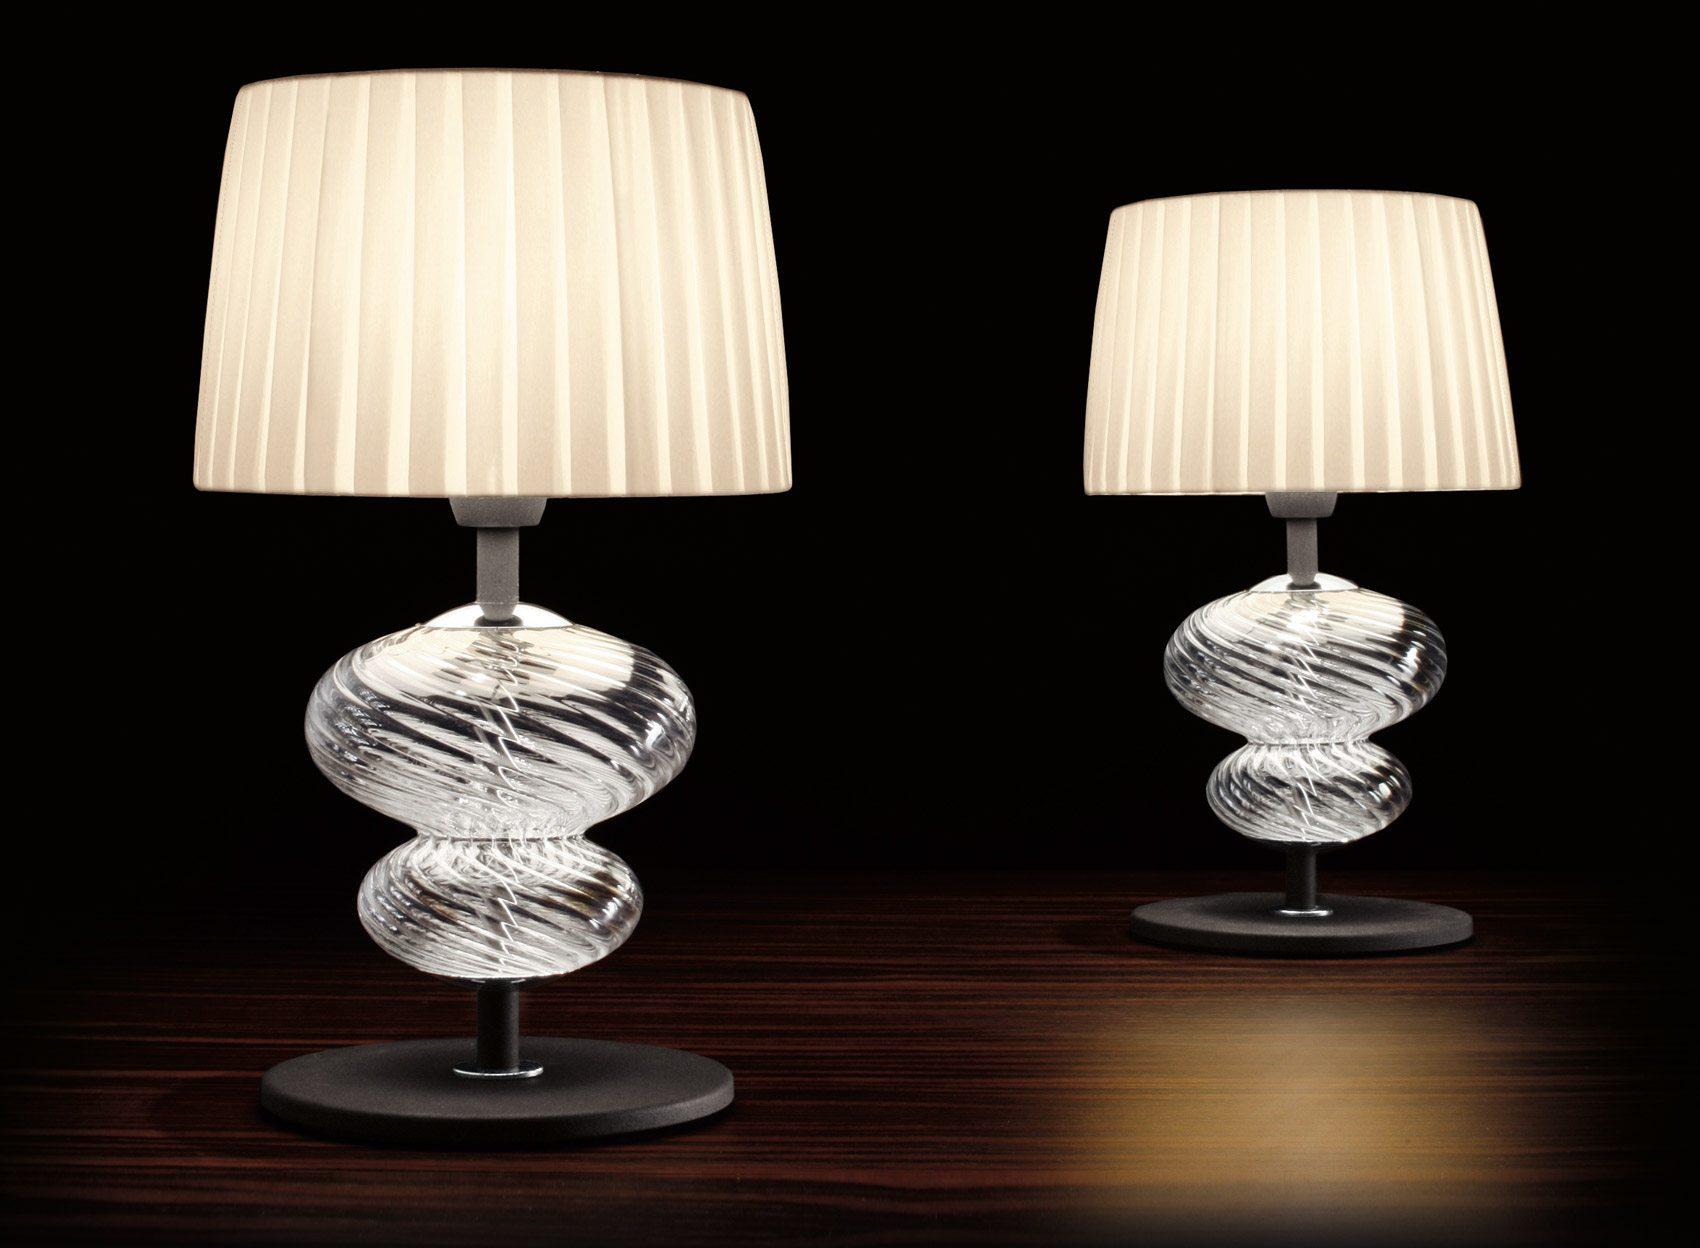 musa co lampada da tavolo di vintage lampade da tavolo